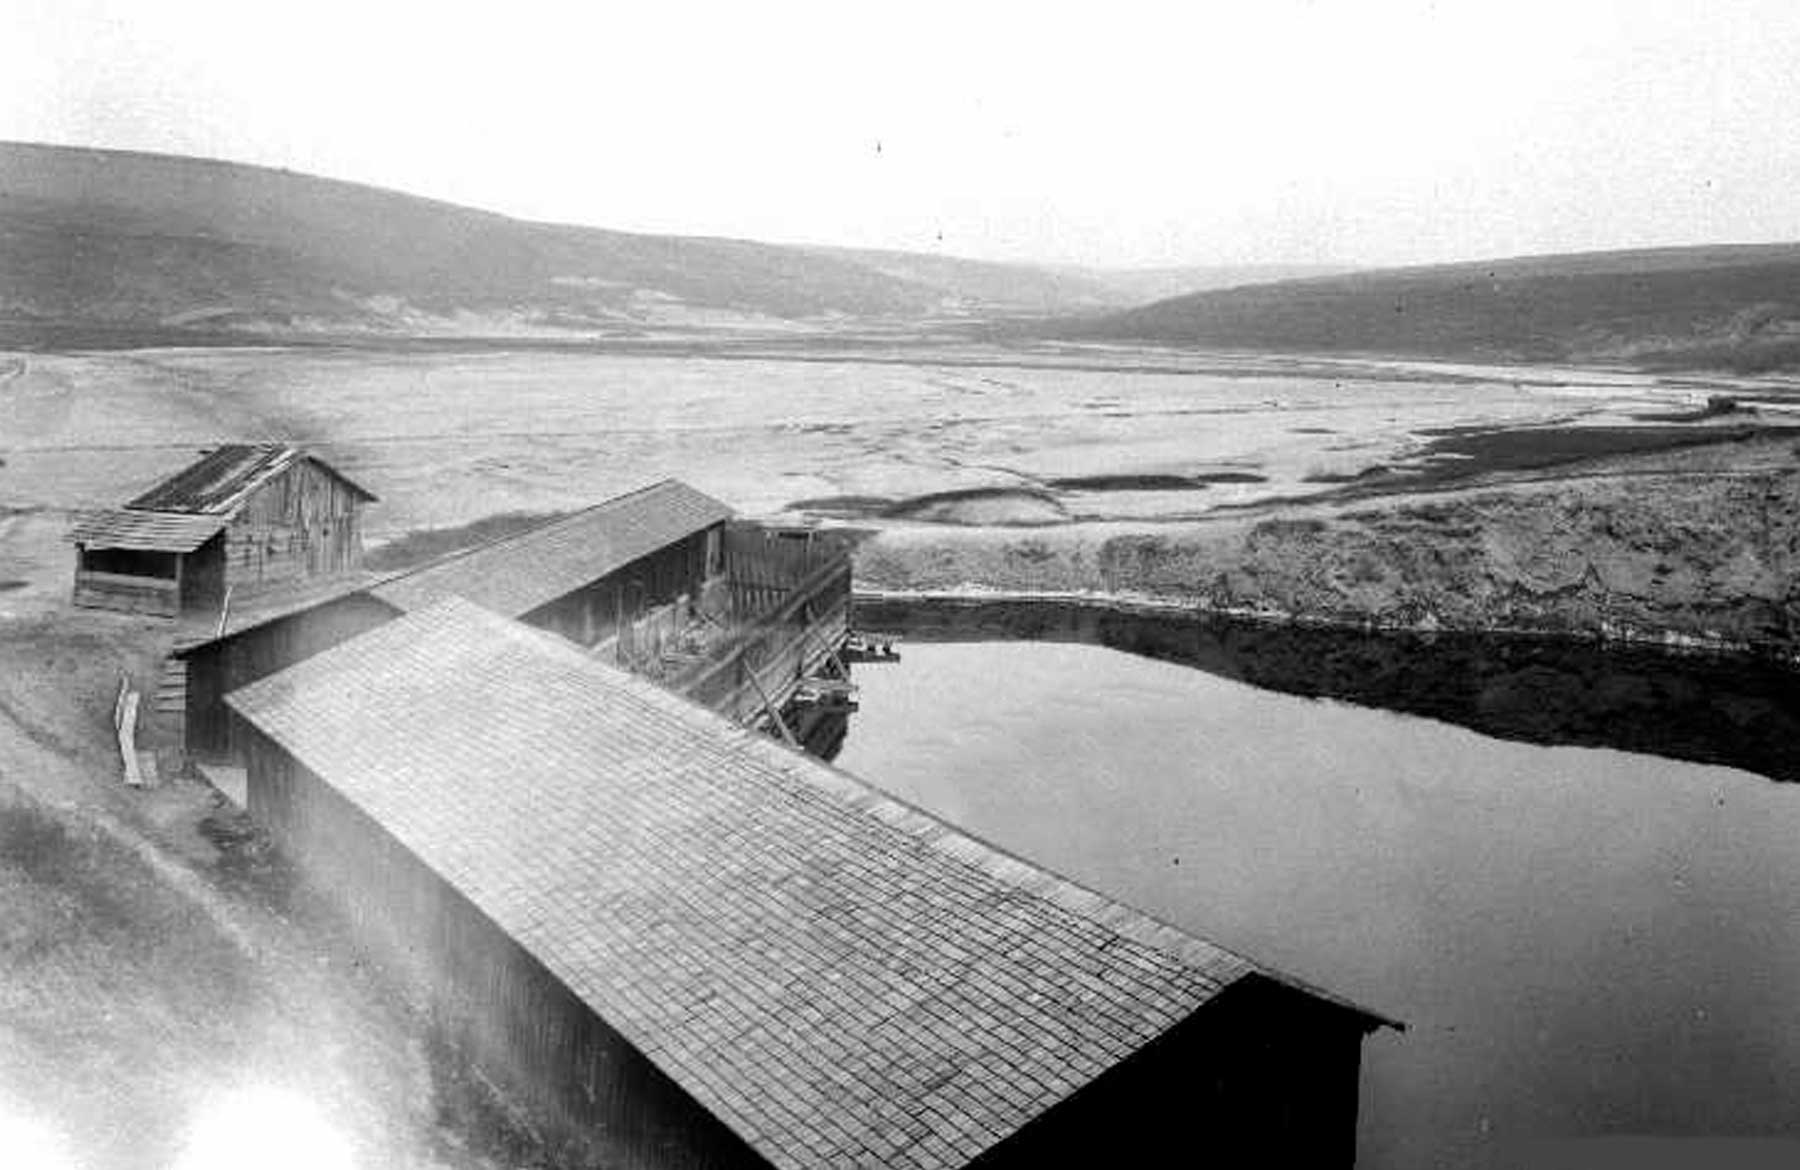 Durgău_ lacul nr.4 (lacul Ocnei), în perioada interbelică